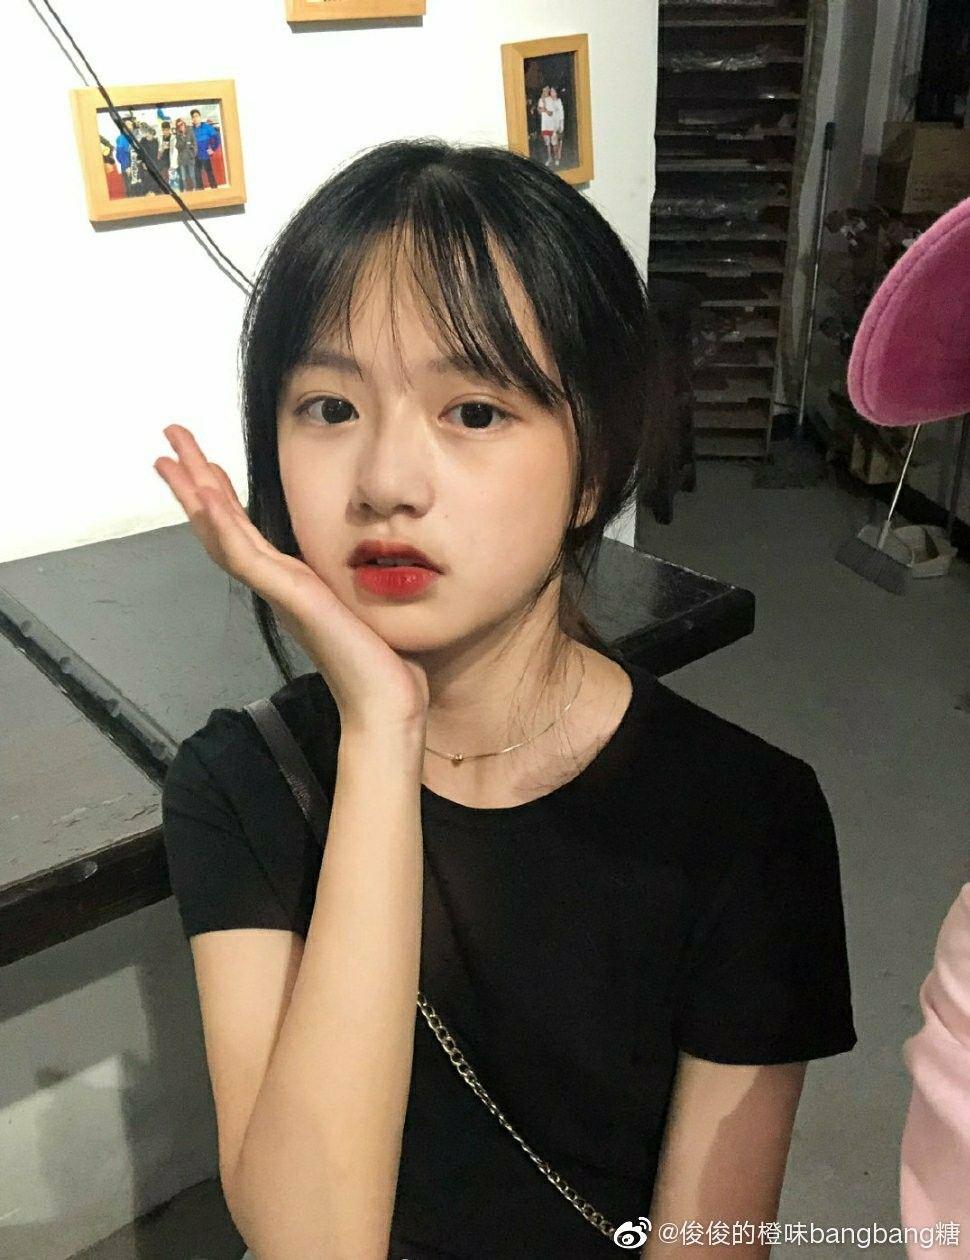 ボード 韓国 女子 のピン